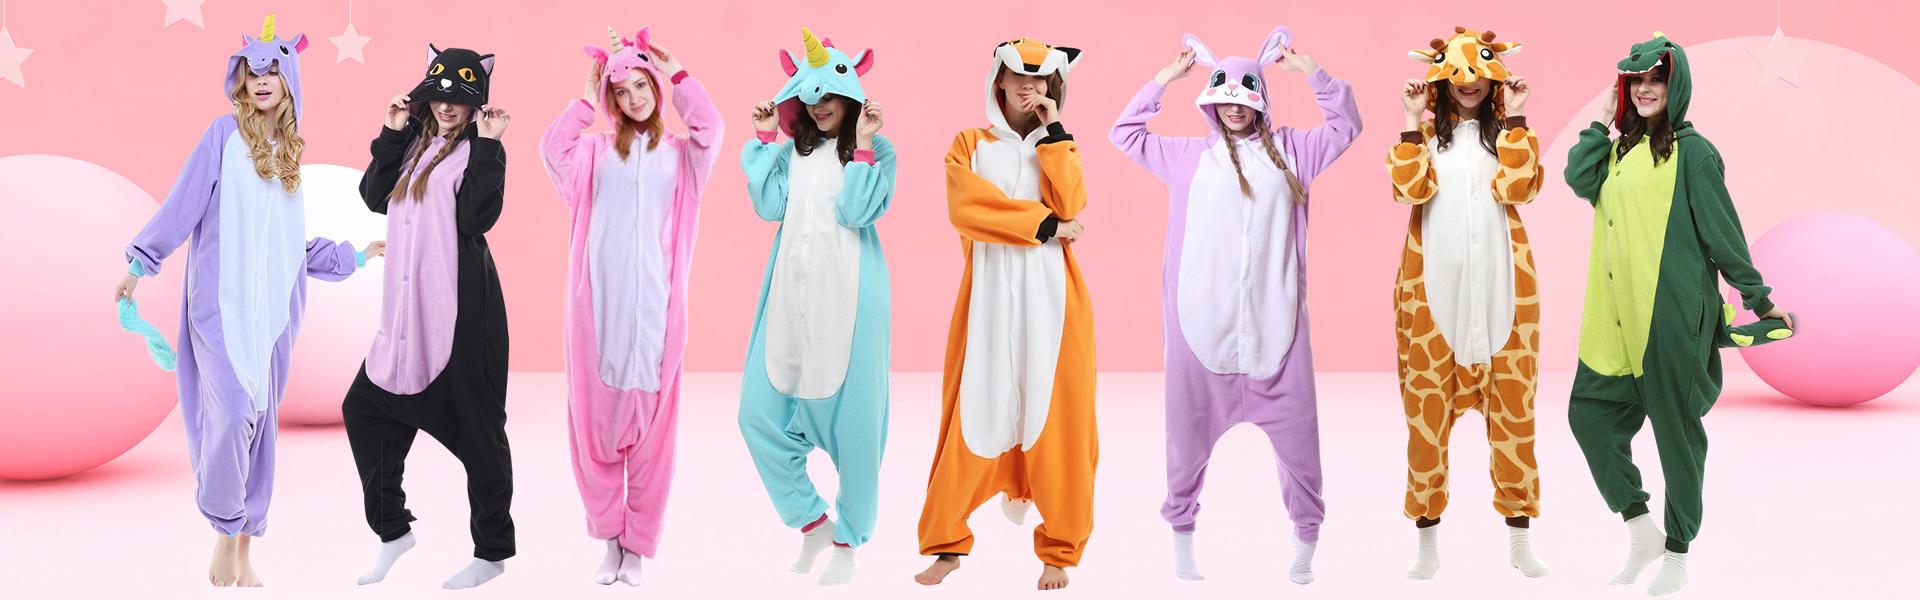 Animal Costumes & Animal Onesie Pajamas For Adult Women, Mens - FavoUnicorn.com